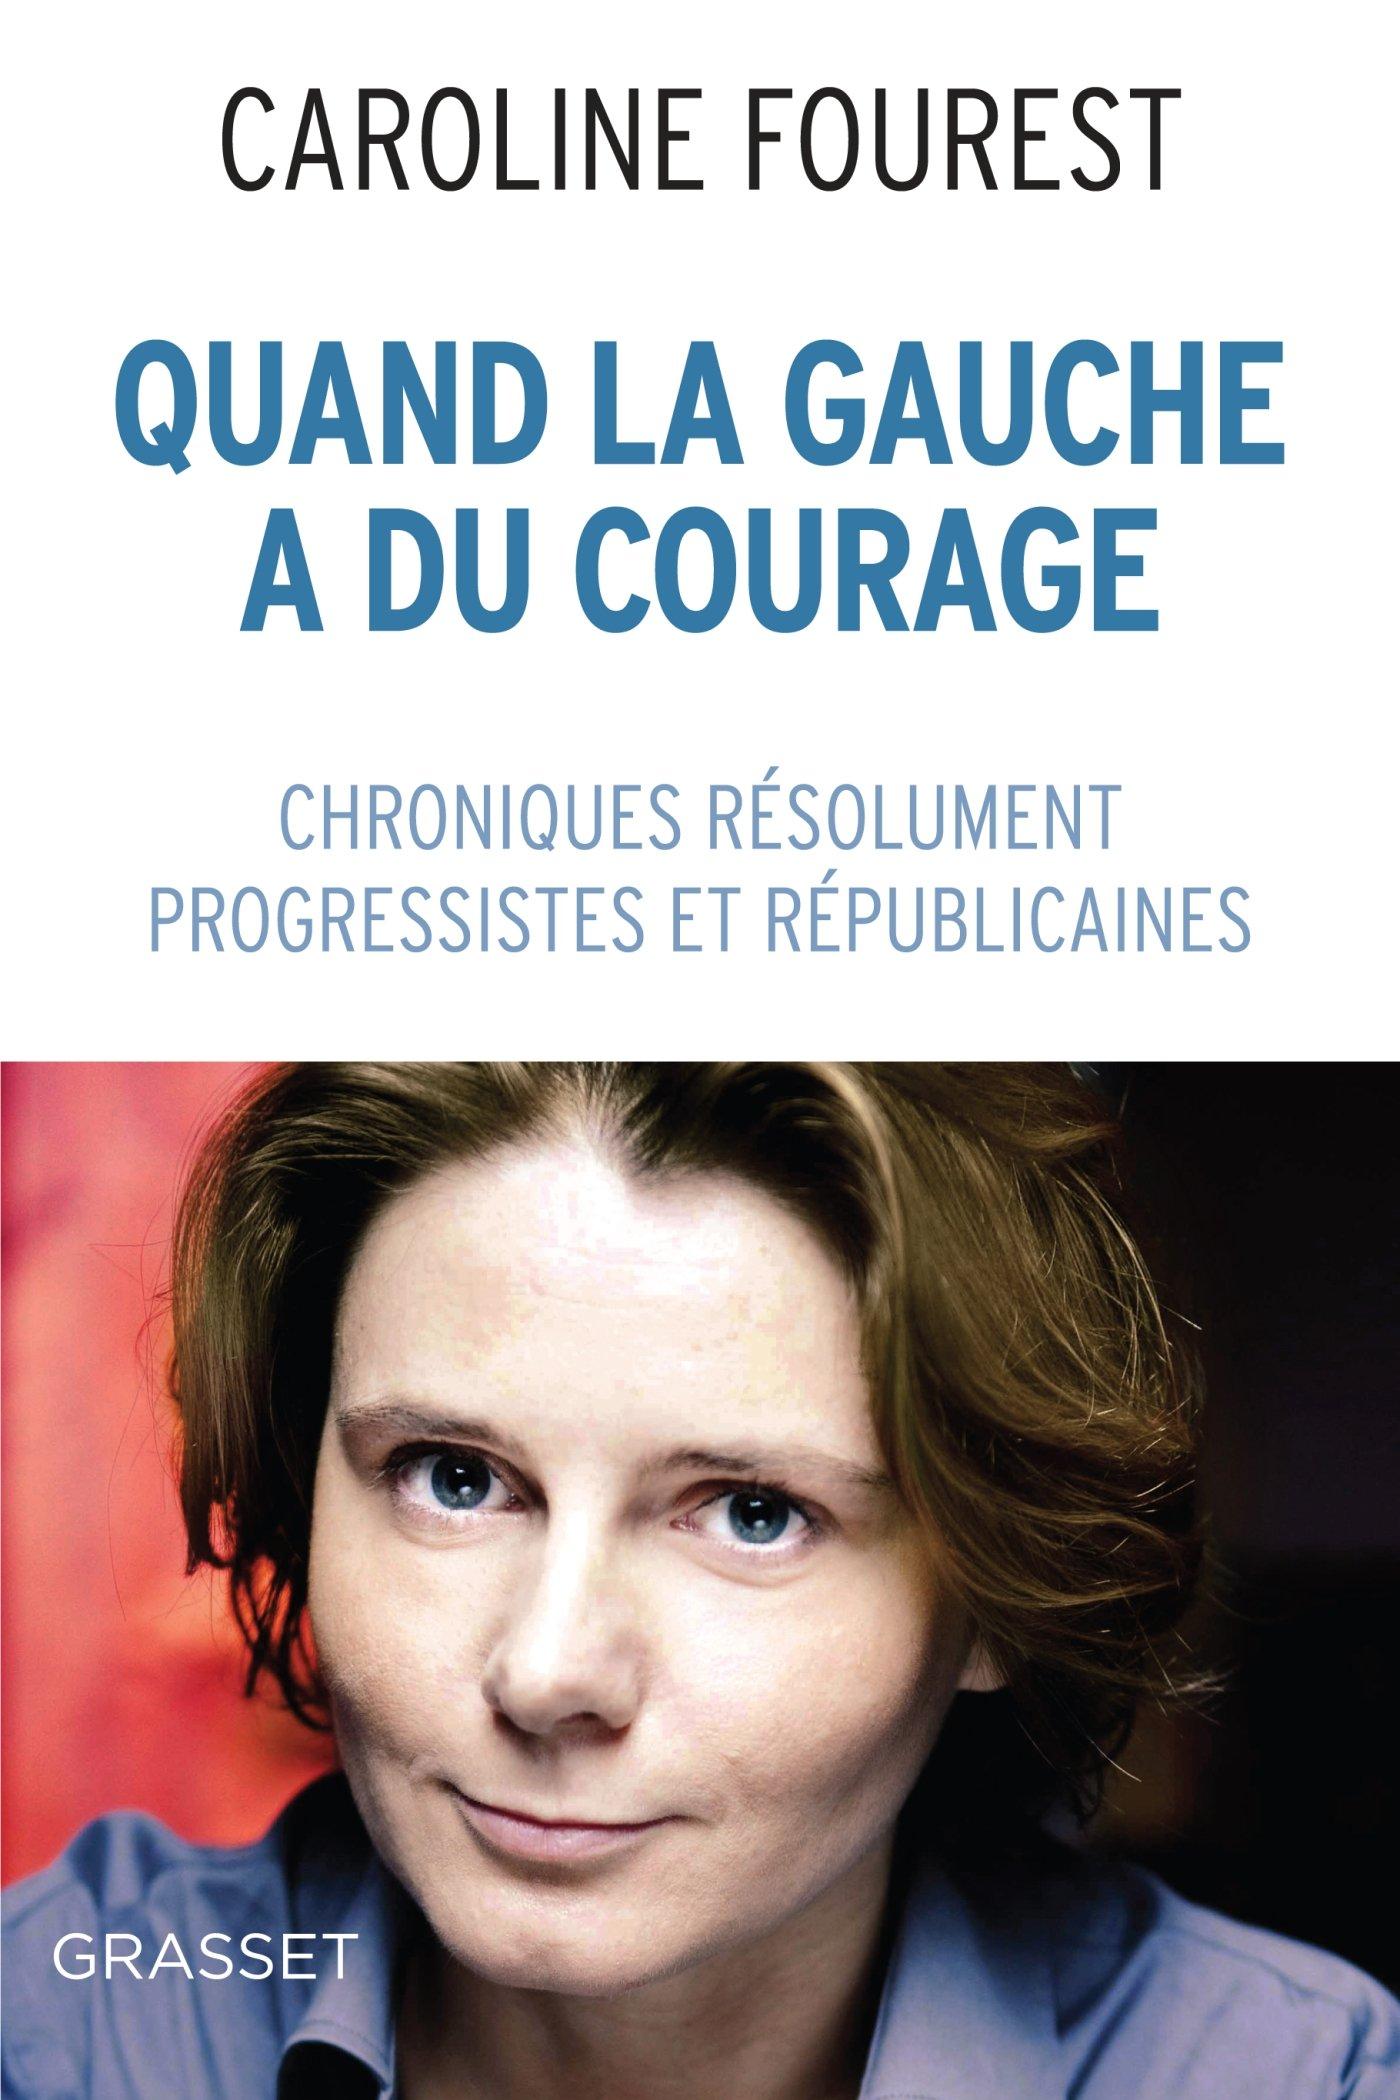 Amazon.fr - Quand la Gauche a du courage: Chroniques résolument laïques,  progressistes et républicaines - Fourest, Caroline - Livres